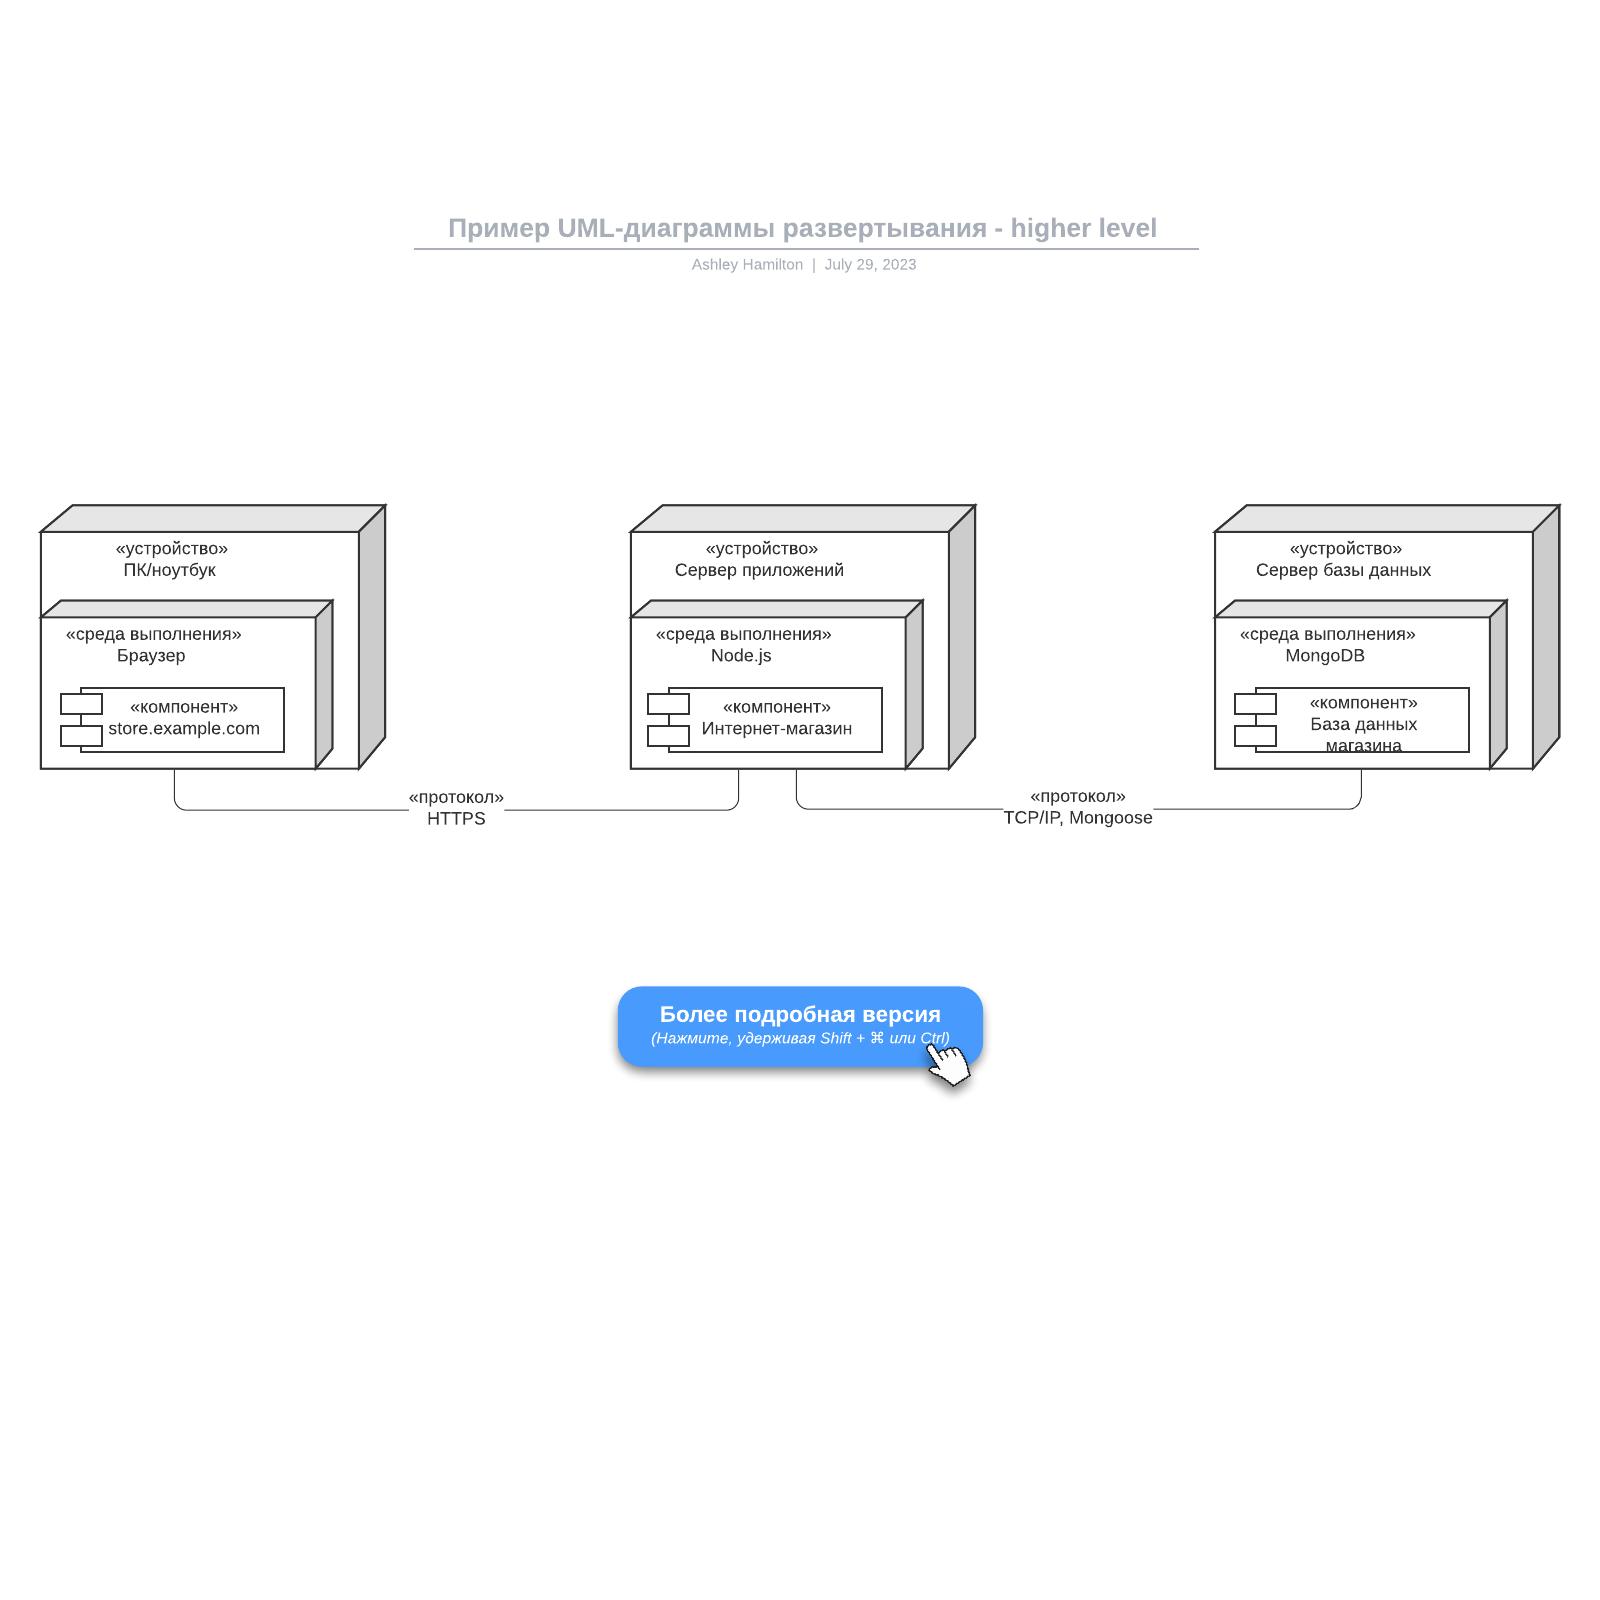 Пример UML-диаграммы развертывания